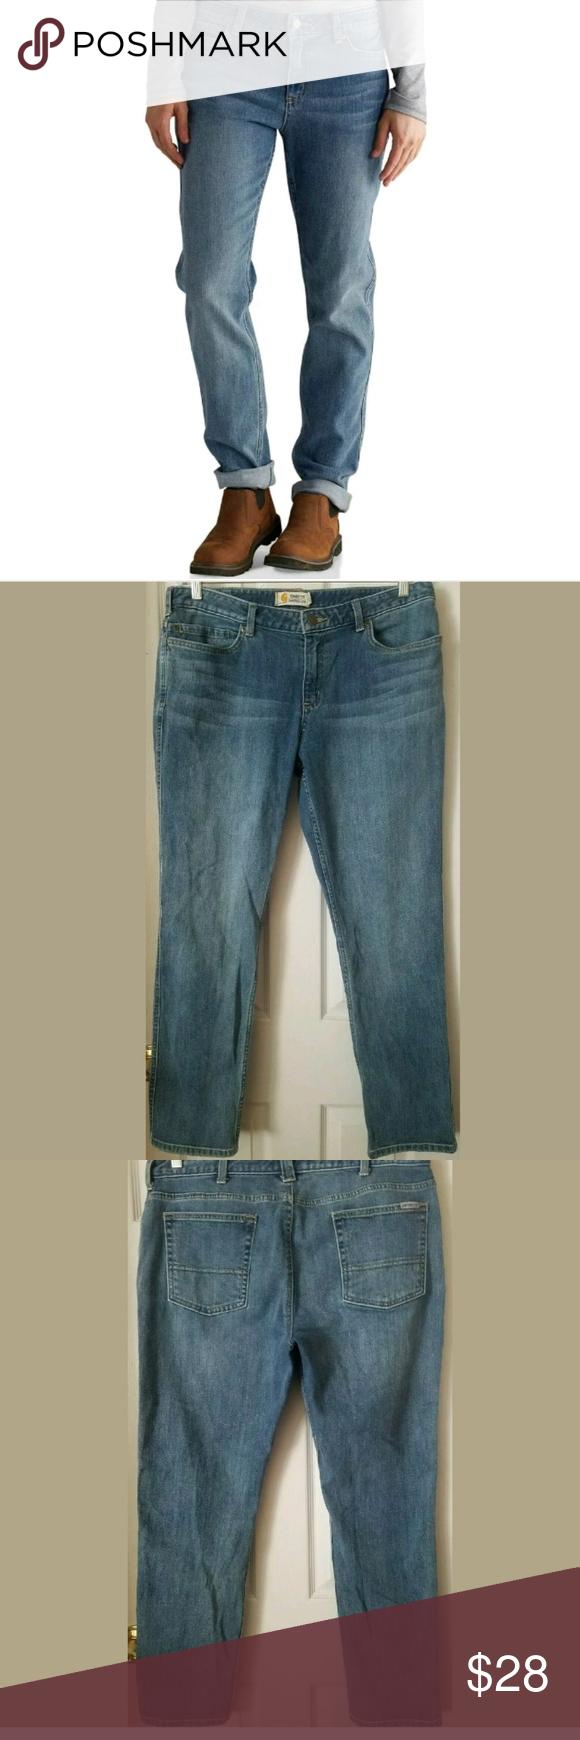 7e631b8f36d Carhartt Denim Jeans Benson Women's Size 14R Carhartt Denim Jeans Benson  Women's Size: 14R Tomboy